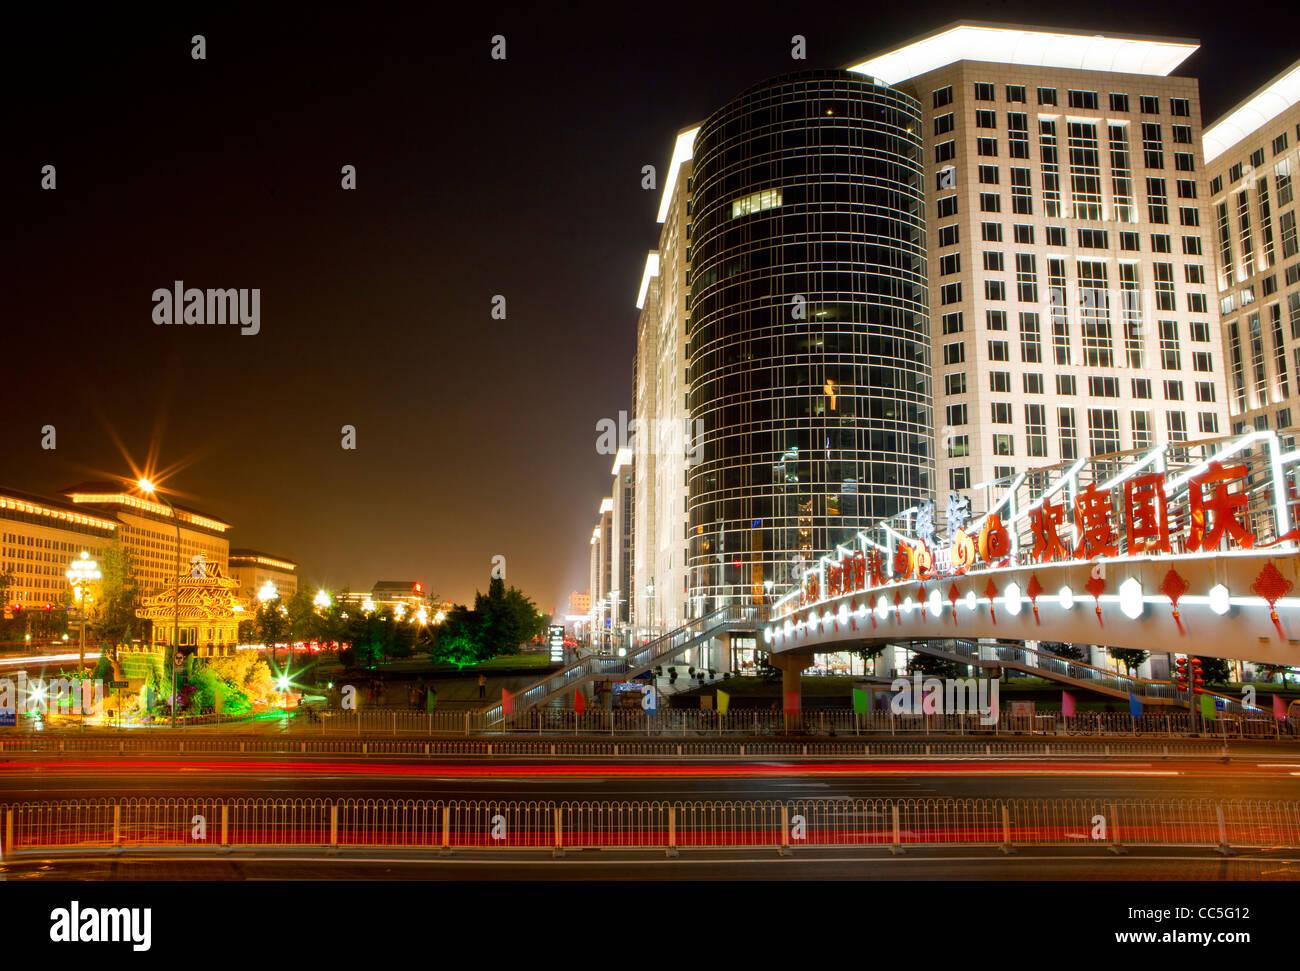 Oriental Plaza di notte, Pechino, Cina Immagini Stock